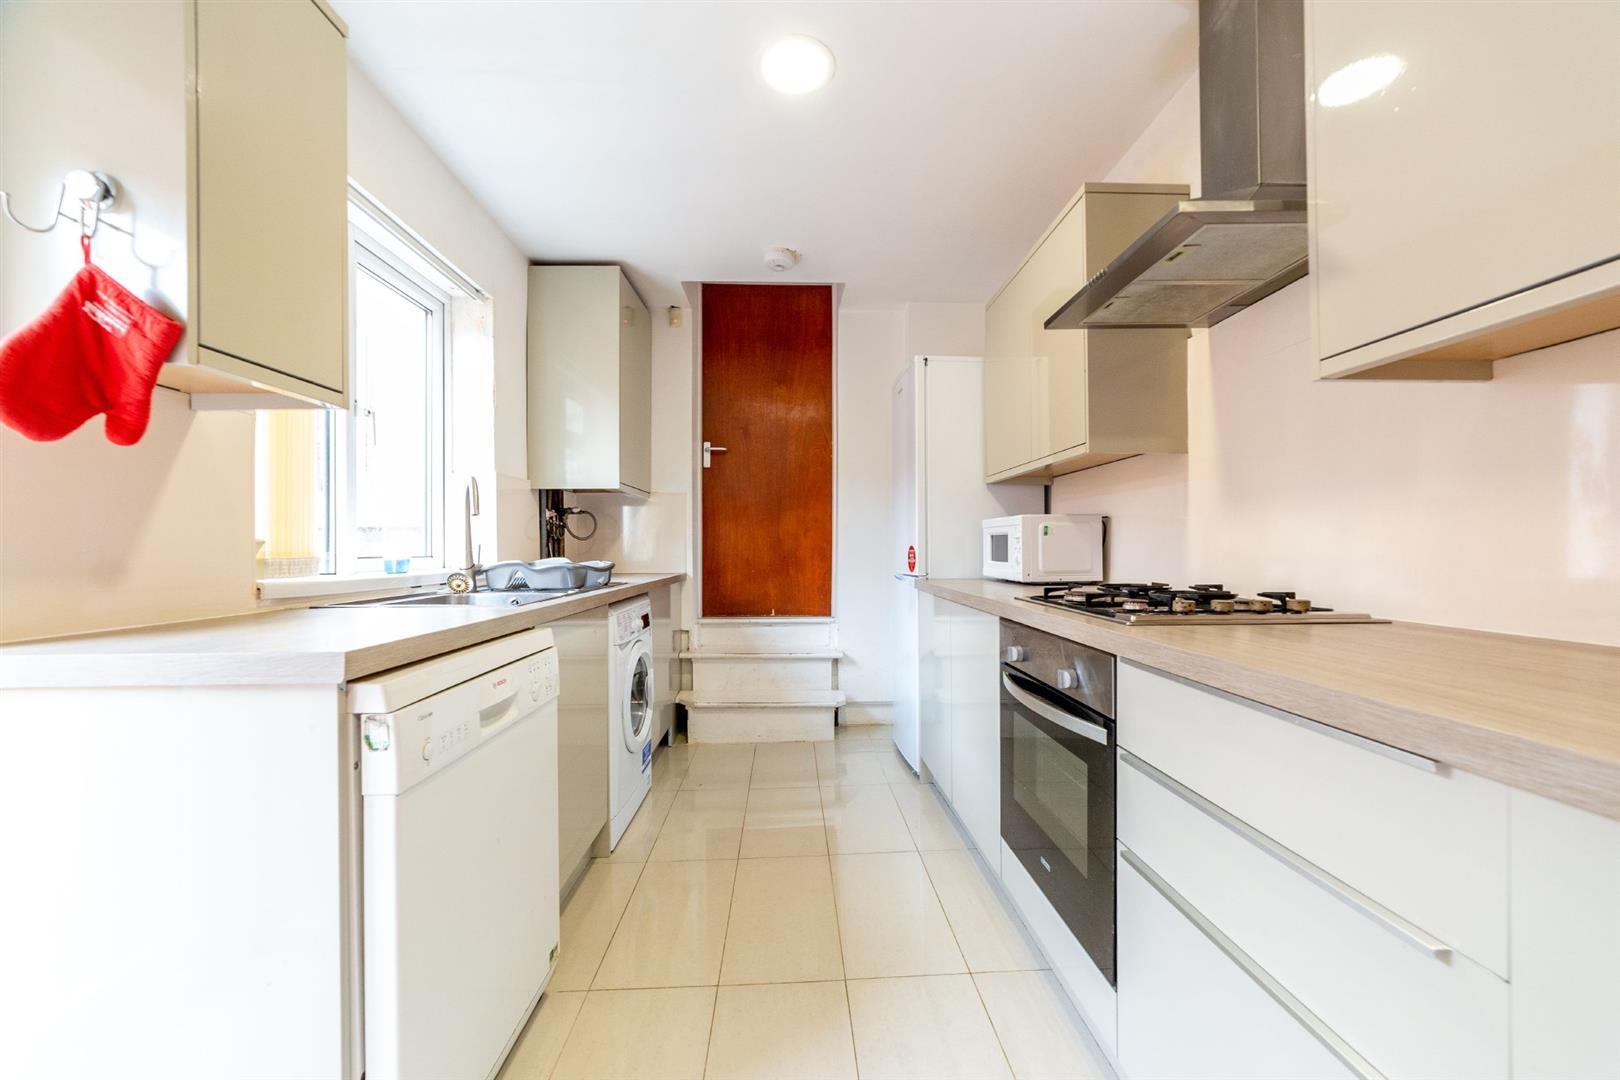 6 bed maisonette to rent in Newcastle Upon Tyne, NE2 1DP, NE2